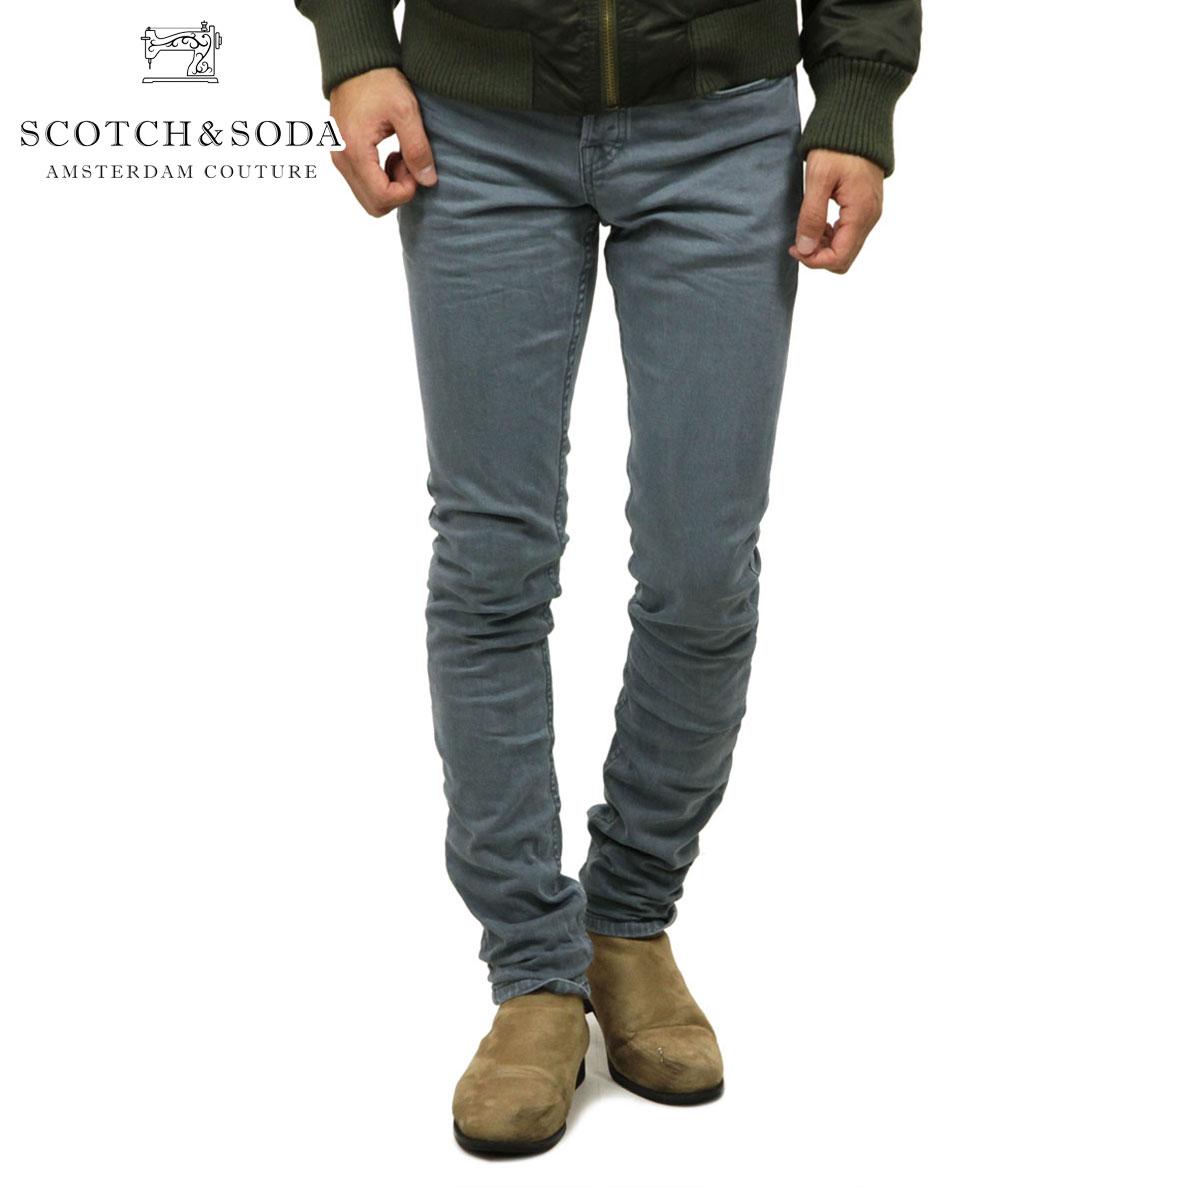 スコッチアンドソーダ SCOTCH&SODA 正規販売店 メンズ デニムパンツ RALSTON - CLASSIC 5-POCKET GARMENT-DYED PANT 145304 2395 65508 SKI BLUE